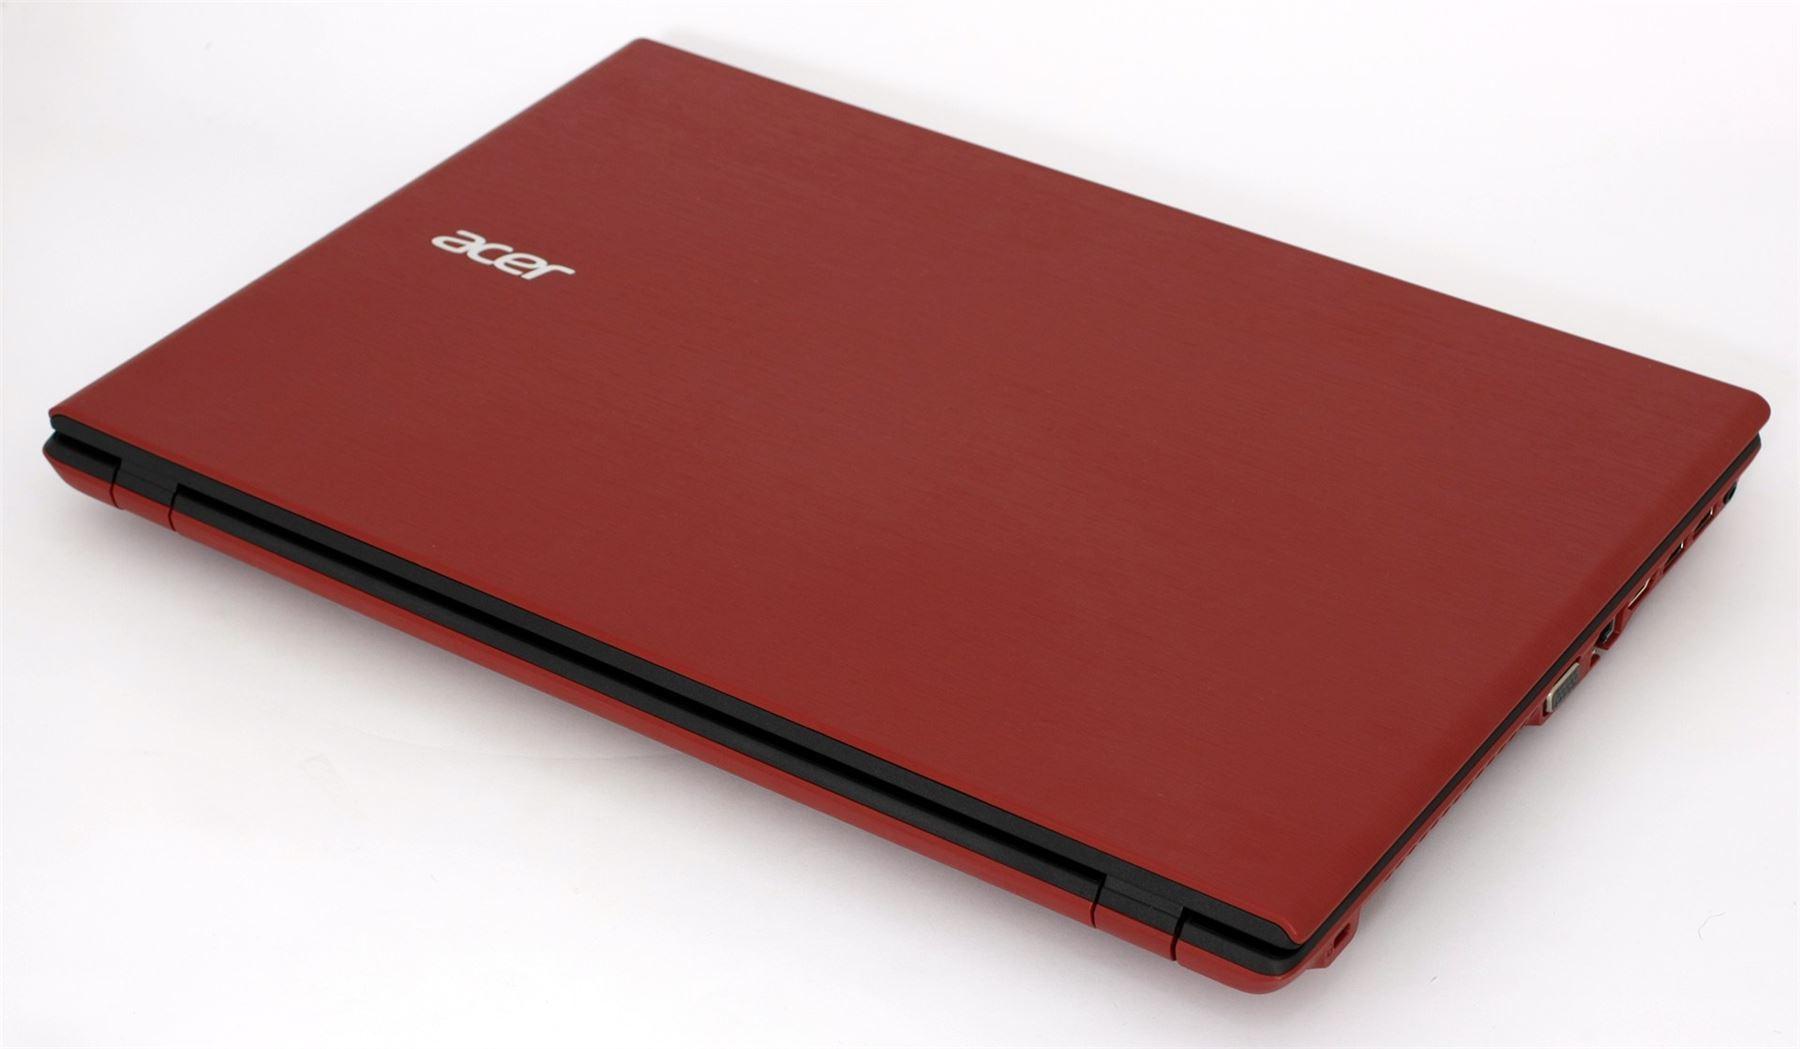 a acer 5 571 laptop red intel i3 5005u 2ghz 4gb 320gb ebay. Black Bedroom Furniture Sets. Home Design Ideas